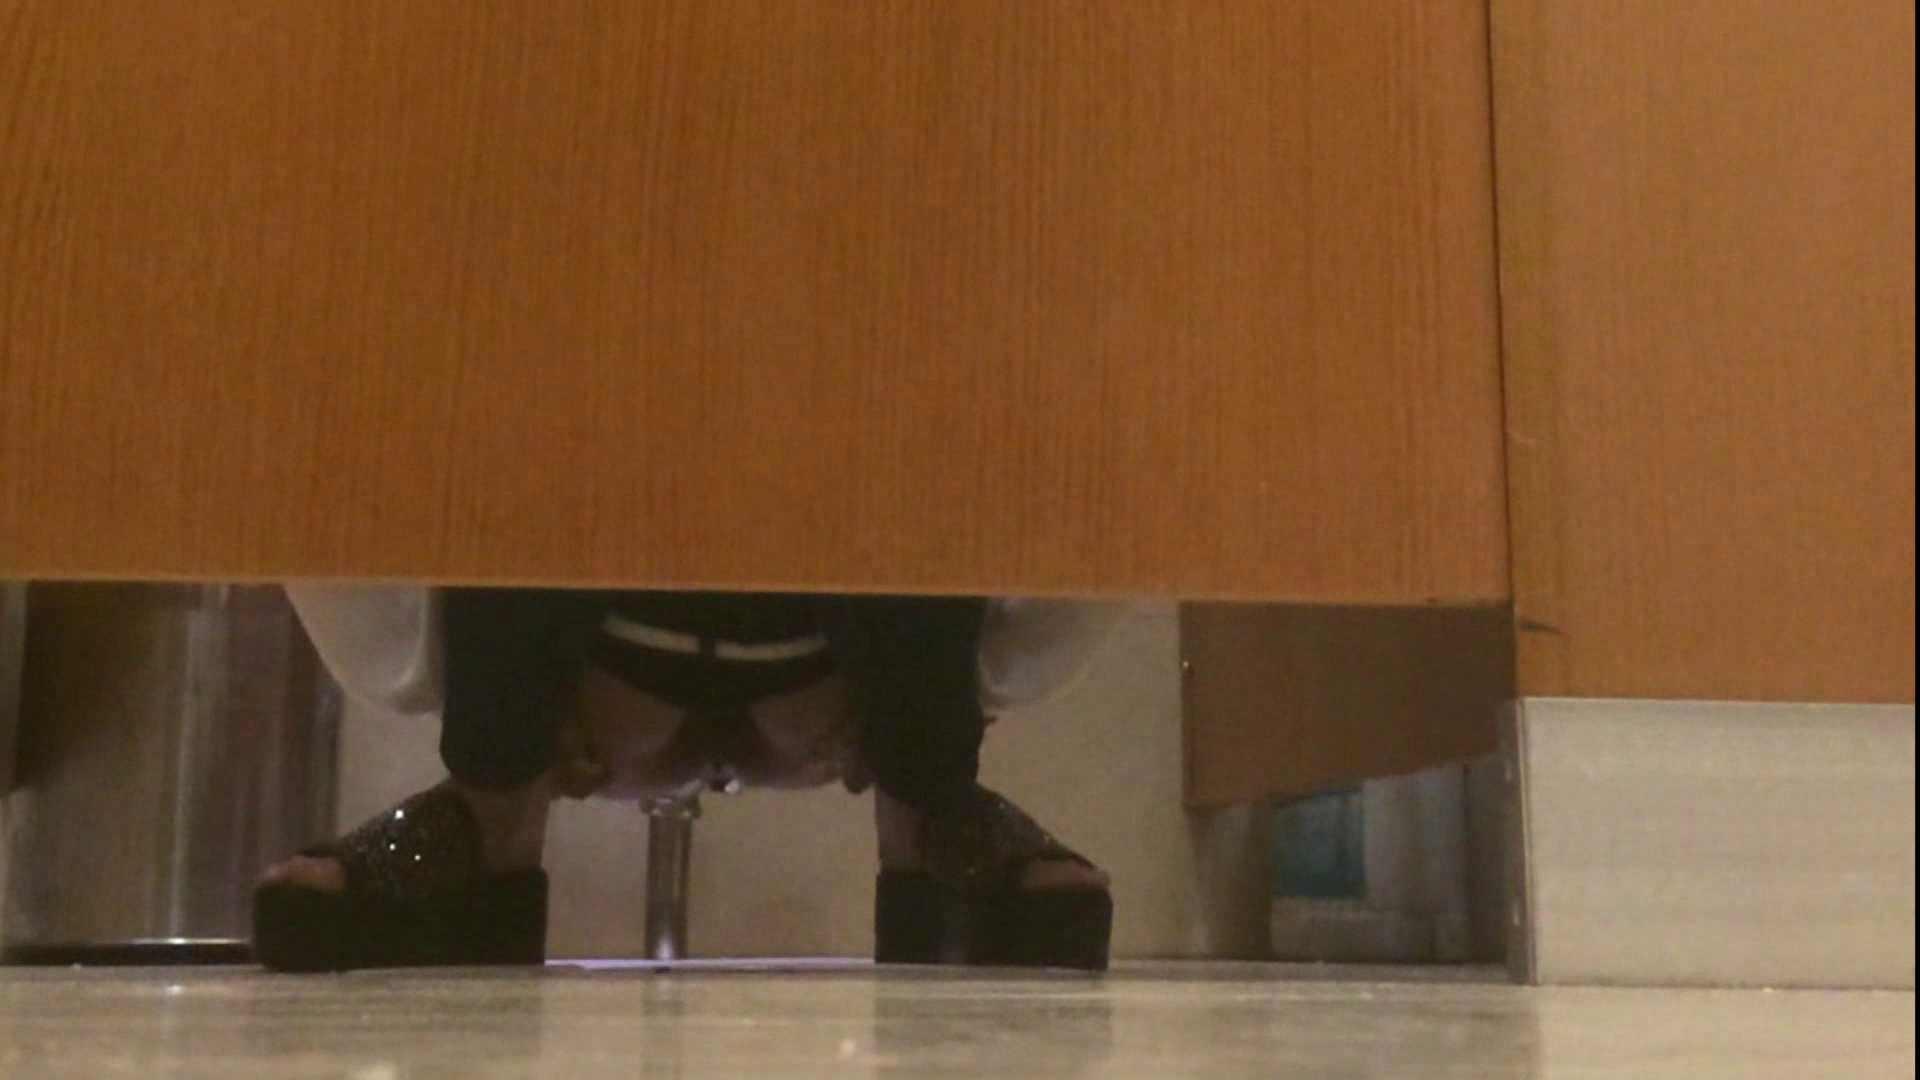 隣国化粧室下から御免!! No.14 美女 セックス無修正動画無料 107画像 41